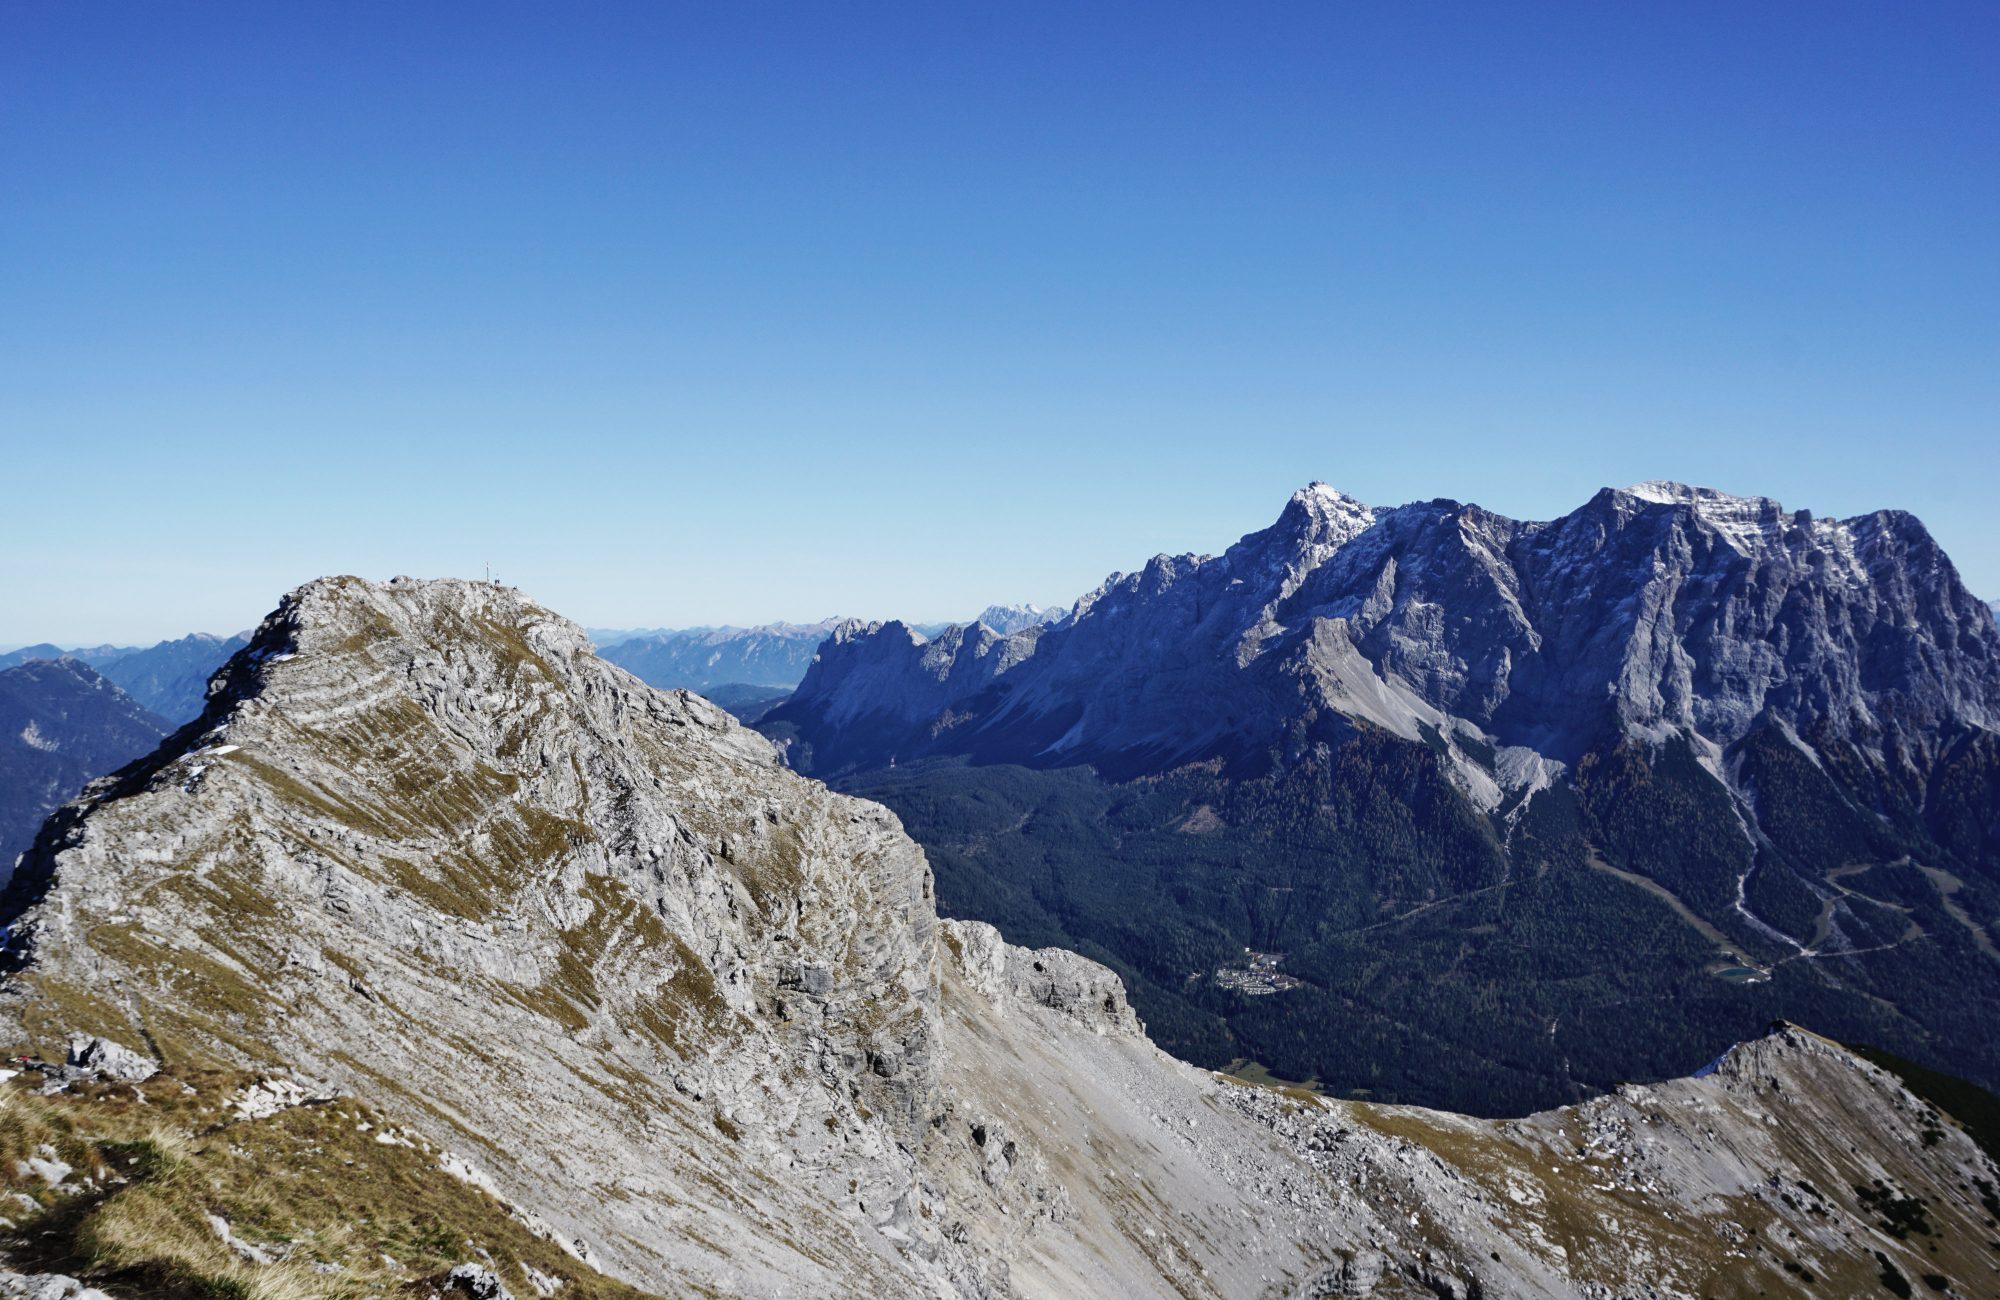 Lieblingsberg Dana, Daniel, Ammergauer Alpen, Österreich, Gipfel